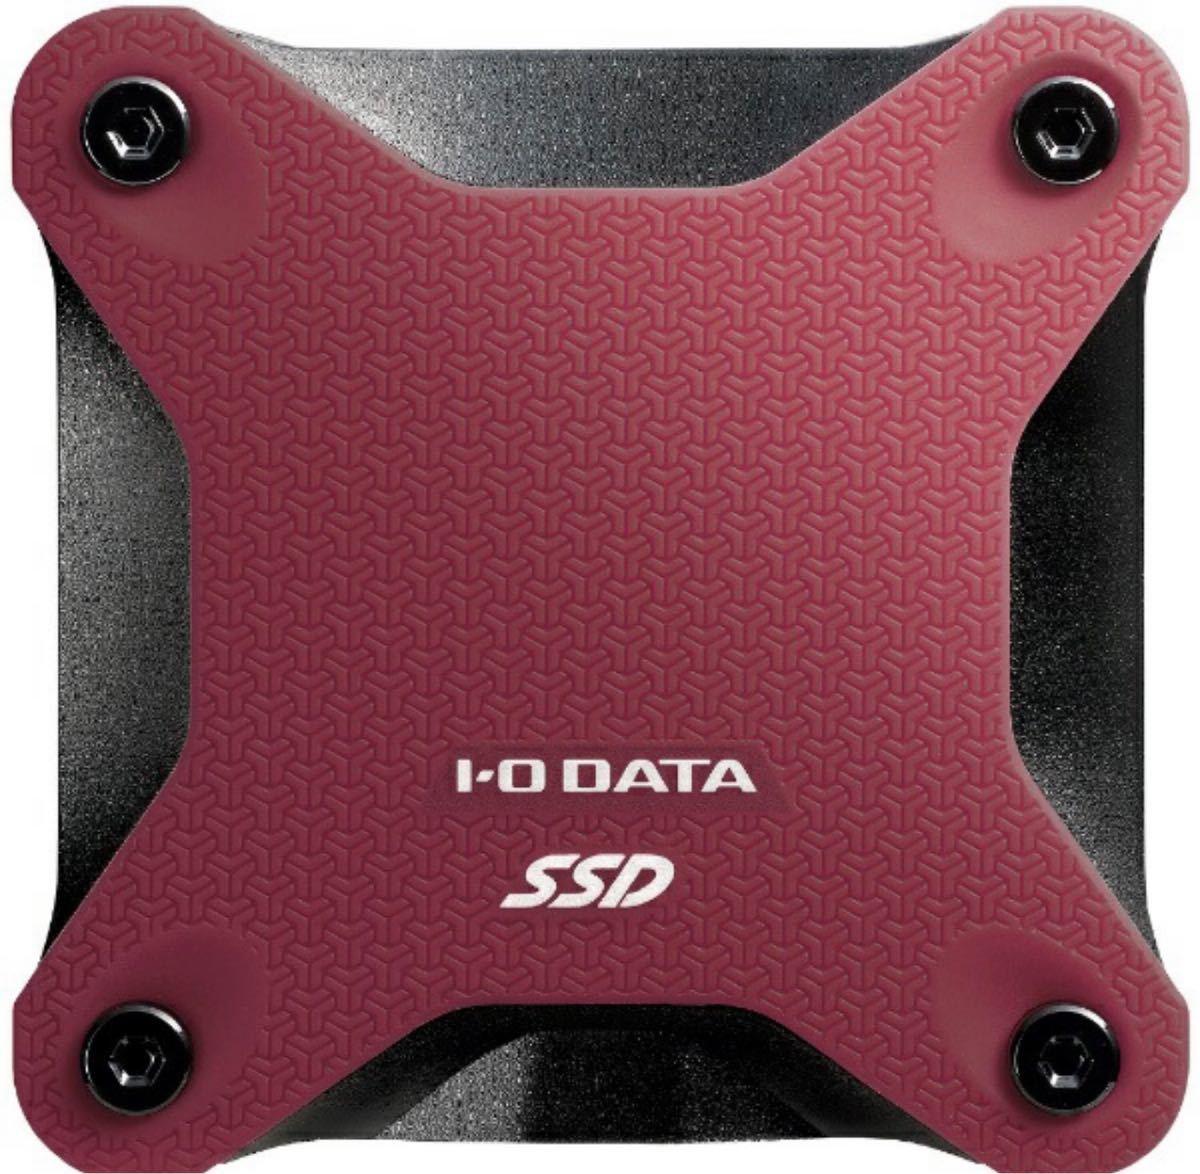 【新品未開封】外付けSSD I-O DATA アイ・オー・データ SSD ワインレッド  500GB USB3.1